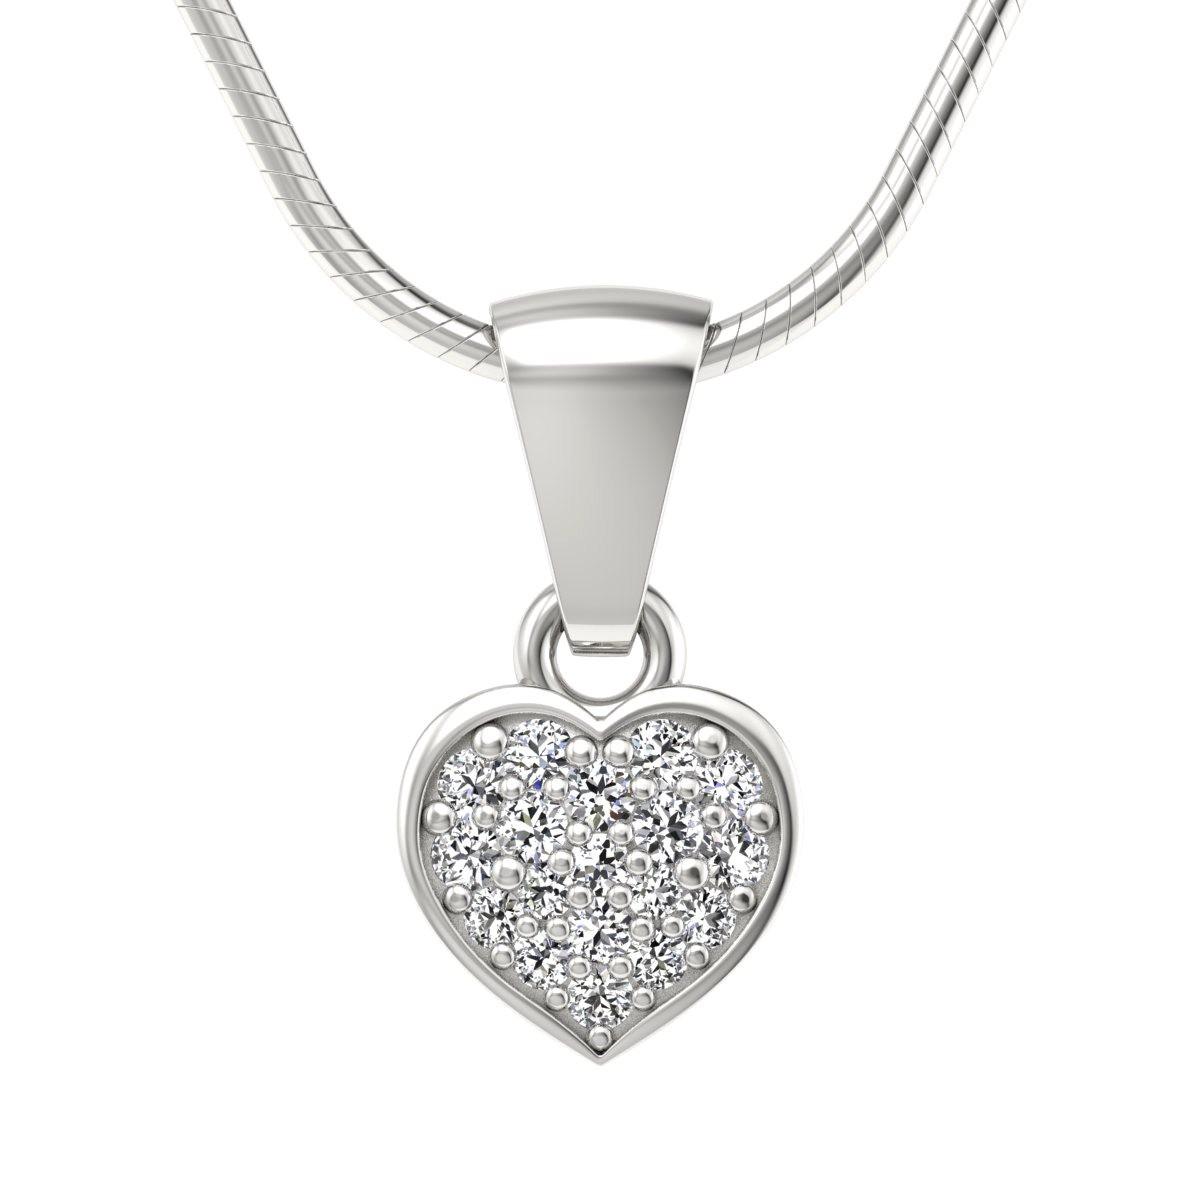 Heart - Białe złoto wisiorek z diamentami